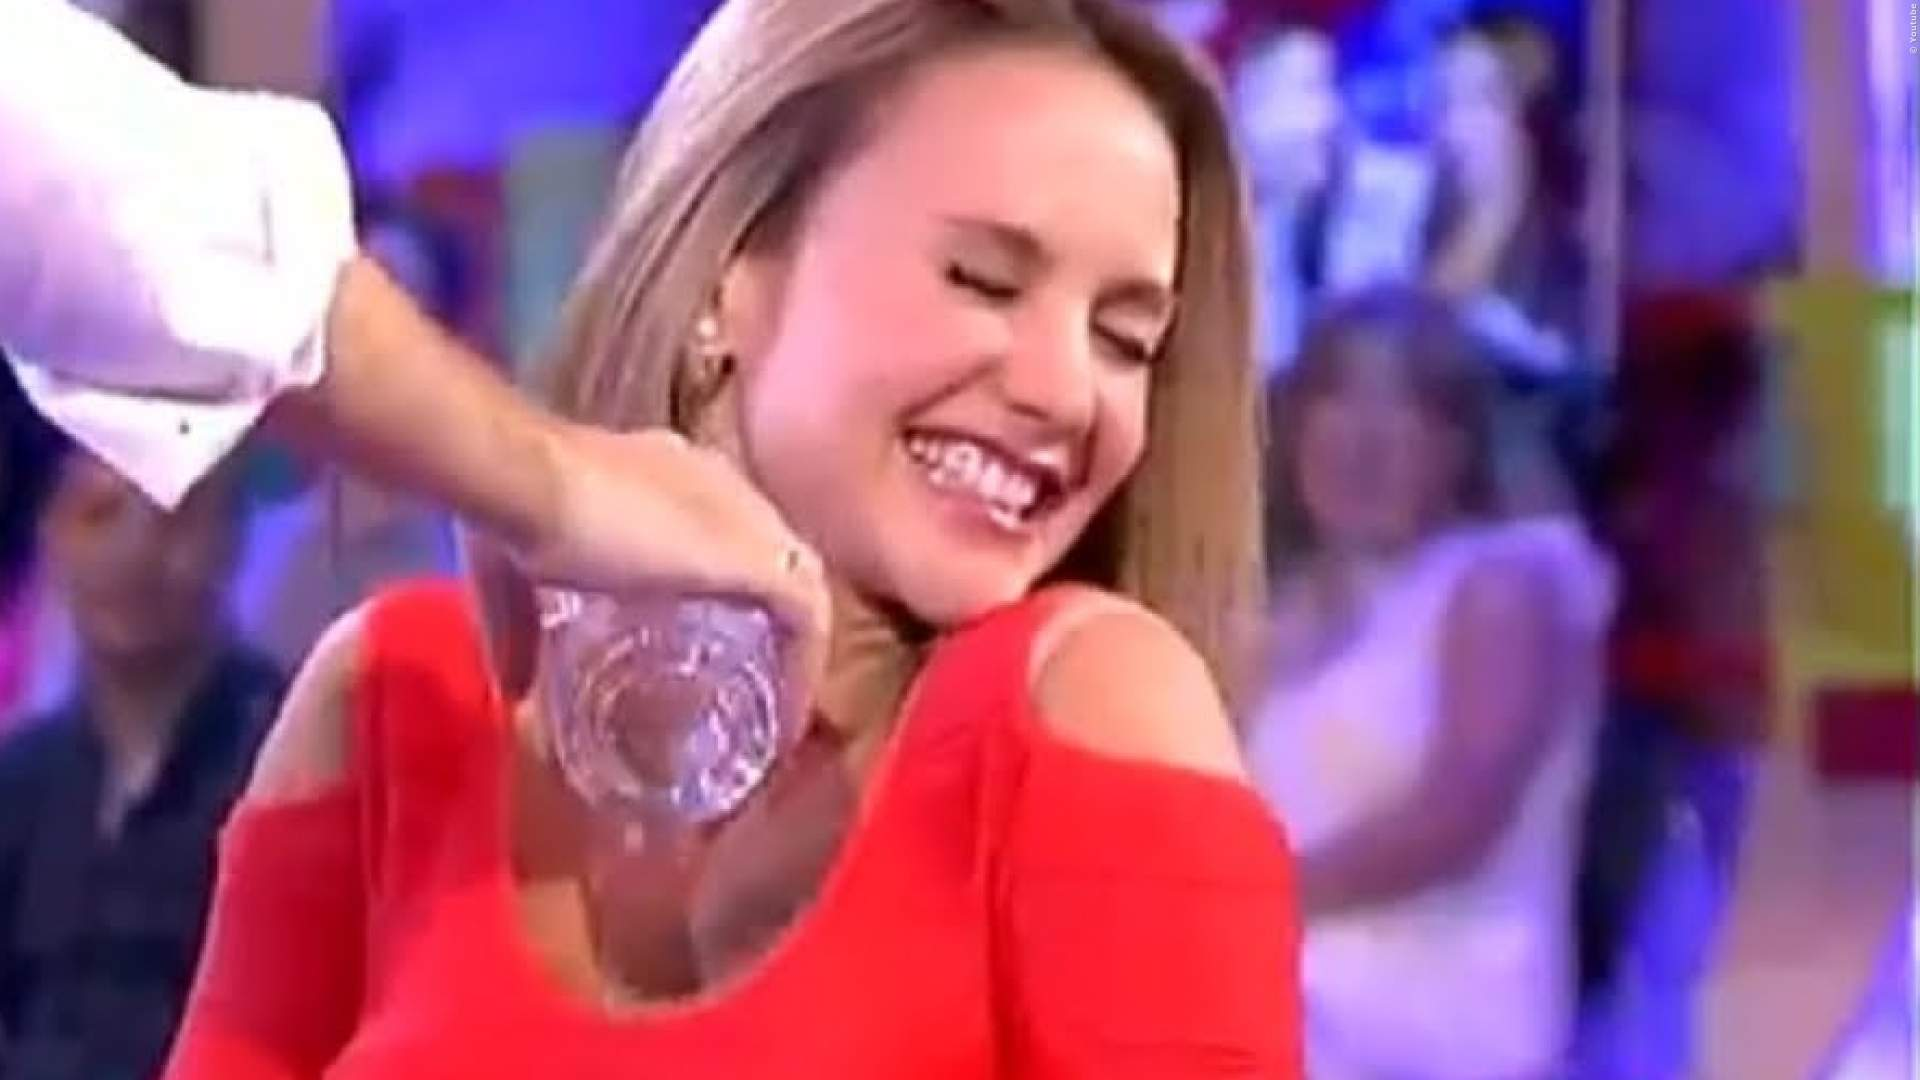 VIDEO: Die peinlichsten Pannen im TV - Von Fremdschämen bis Lachflach!